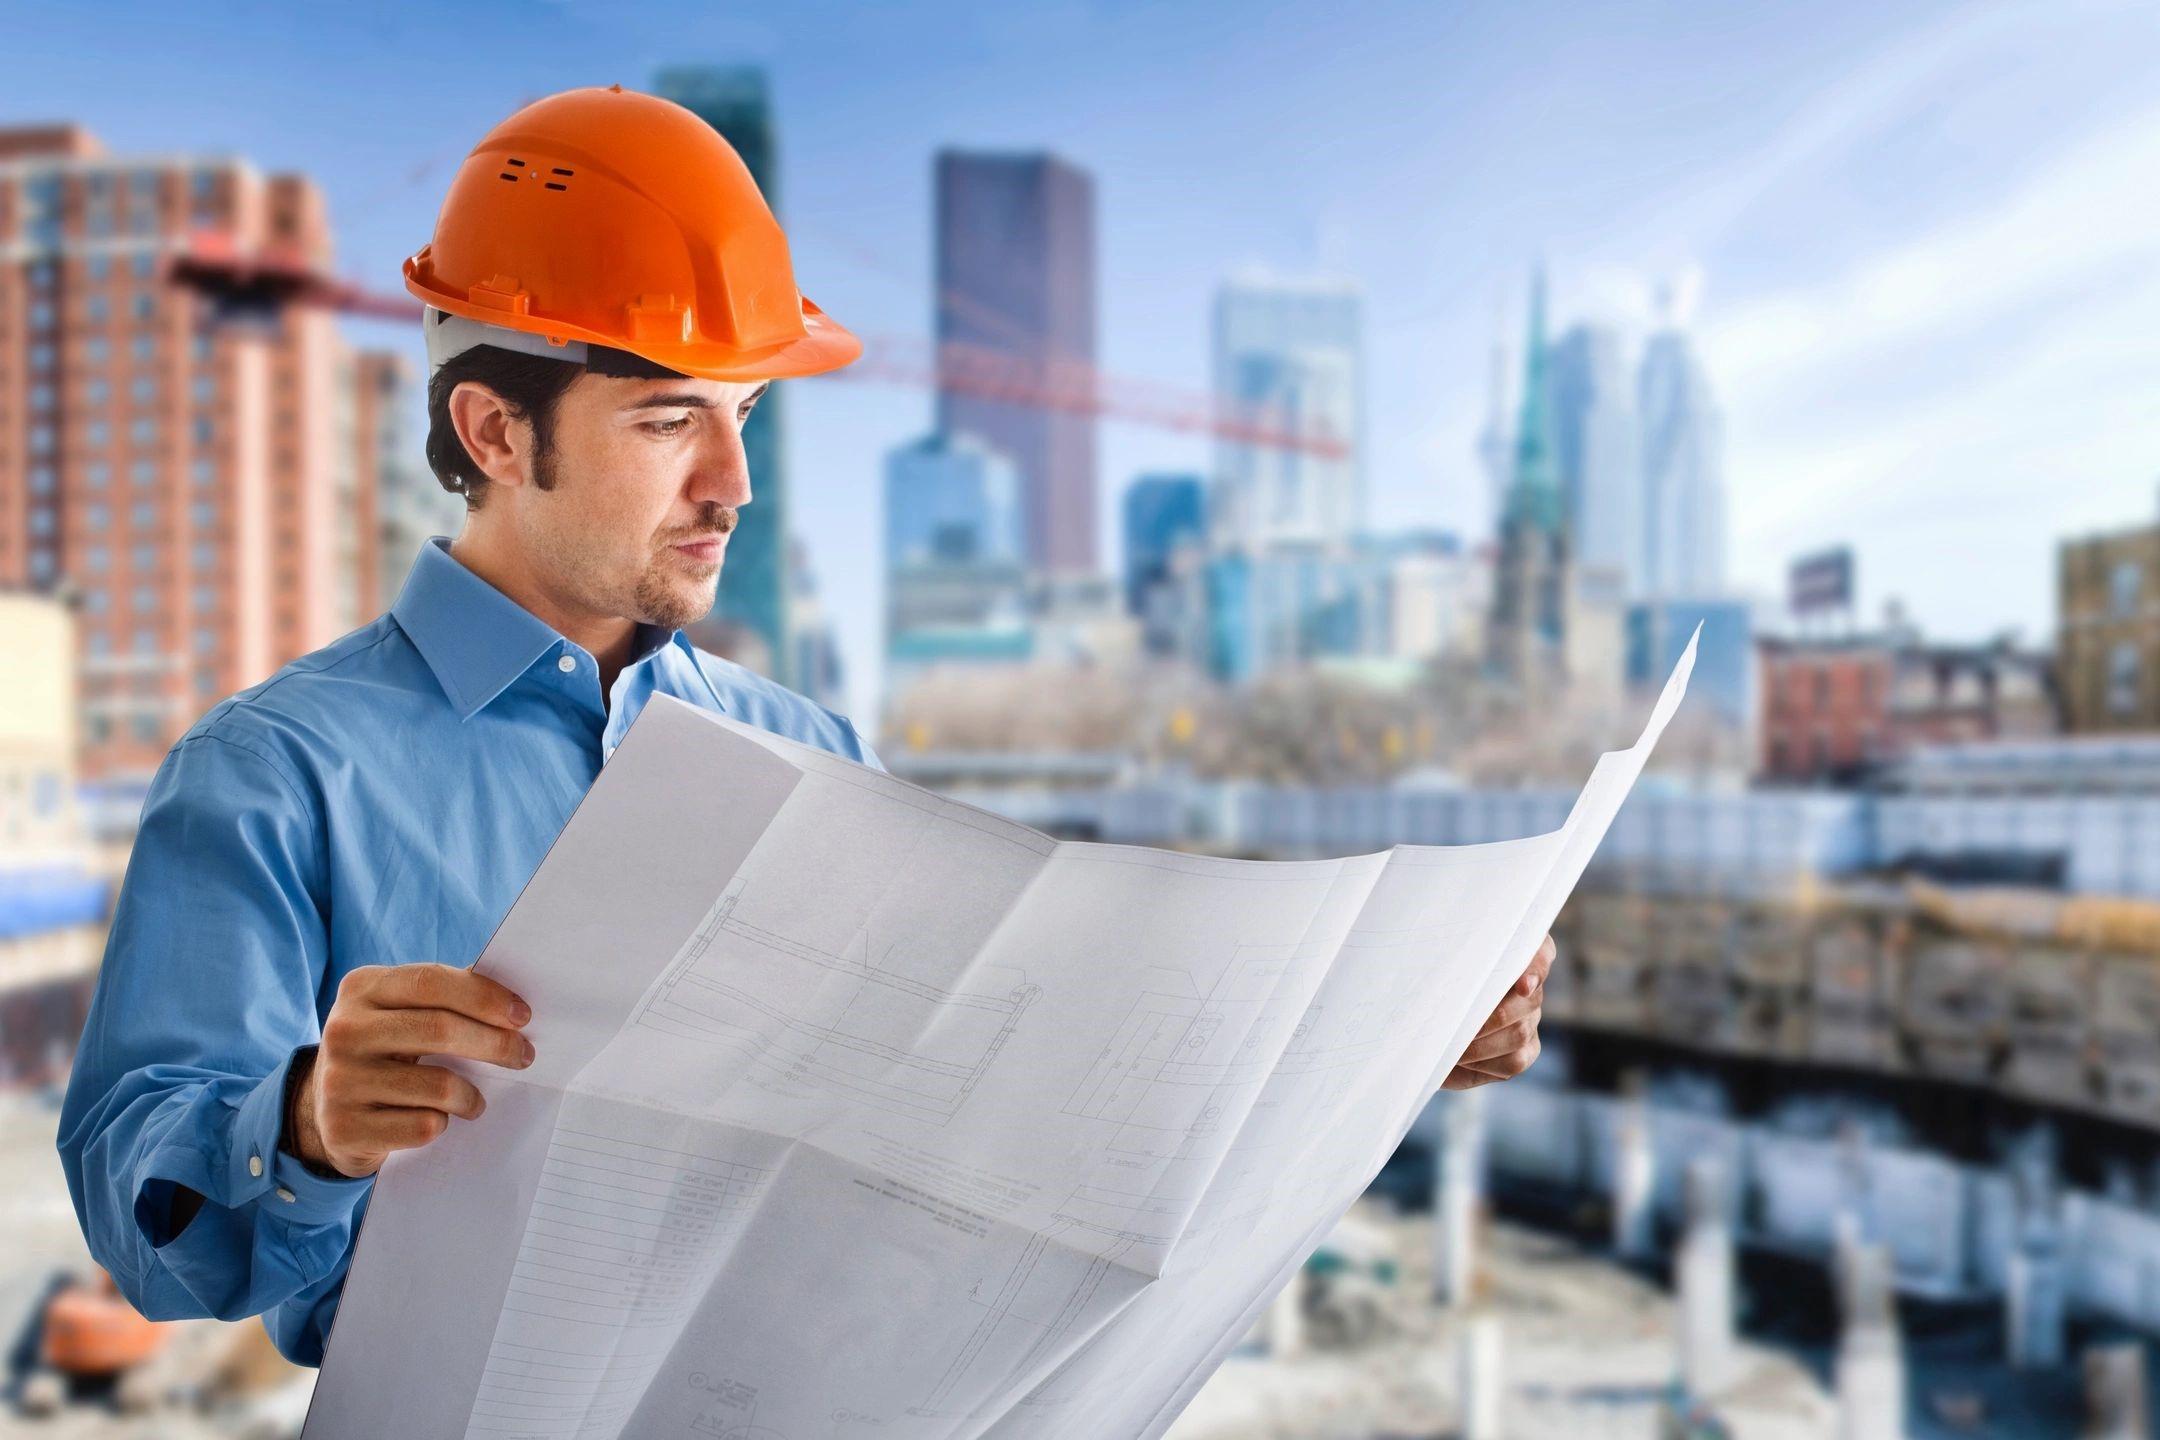 Особенности профессии строителя: плюсы и минусы работы